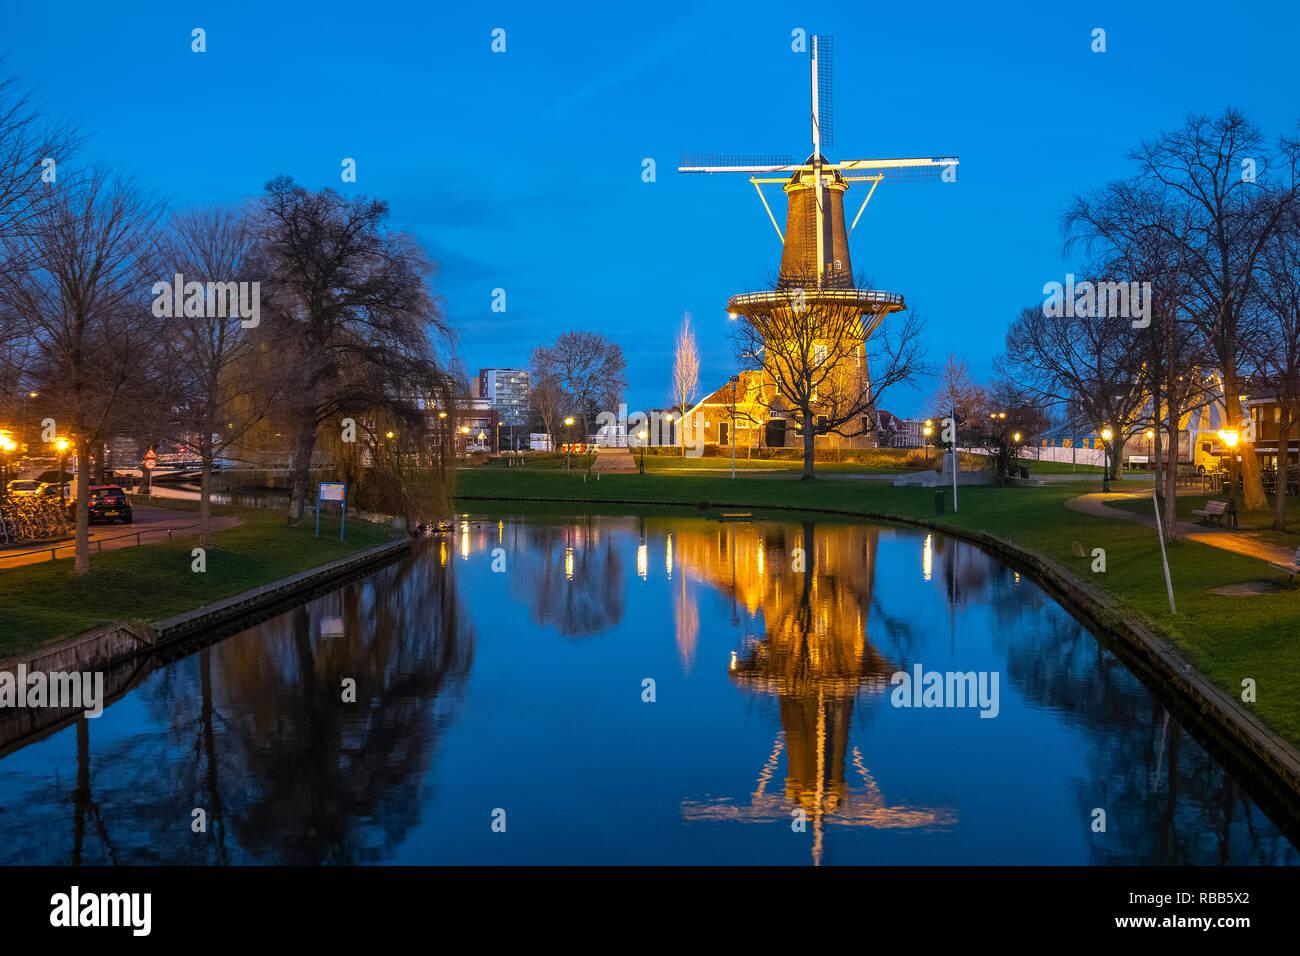 https://c7.alamy.com/comp/RBB5X2/leiden-municipal-windmill-museum-molen-de-valk-is-a-tower-mill-and-museum-in-leiden-netherlands-RBB5X2.jpg